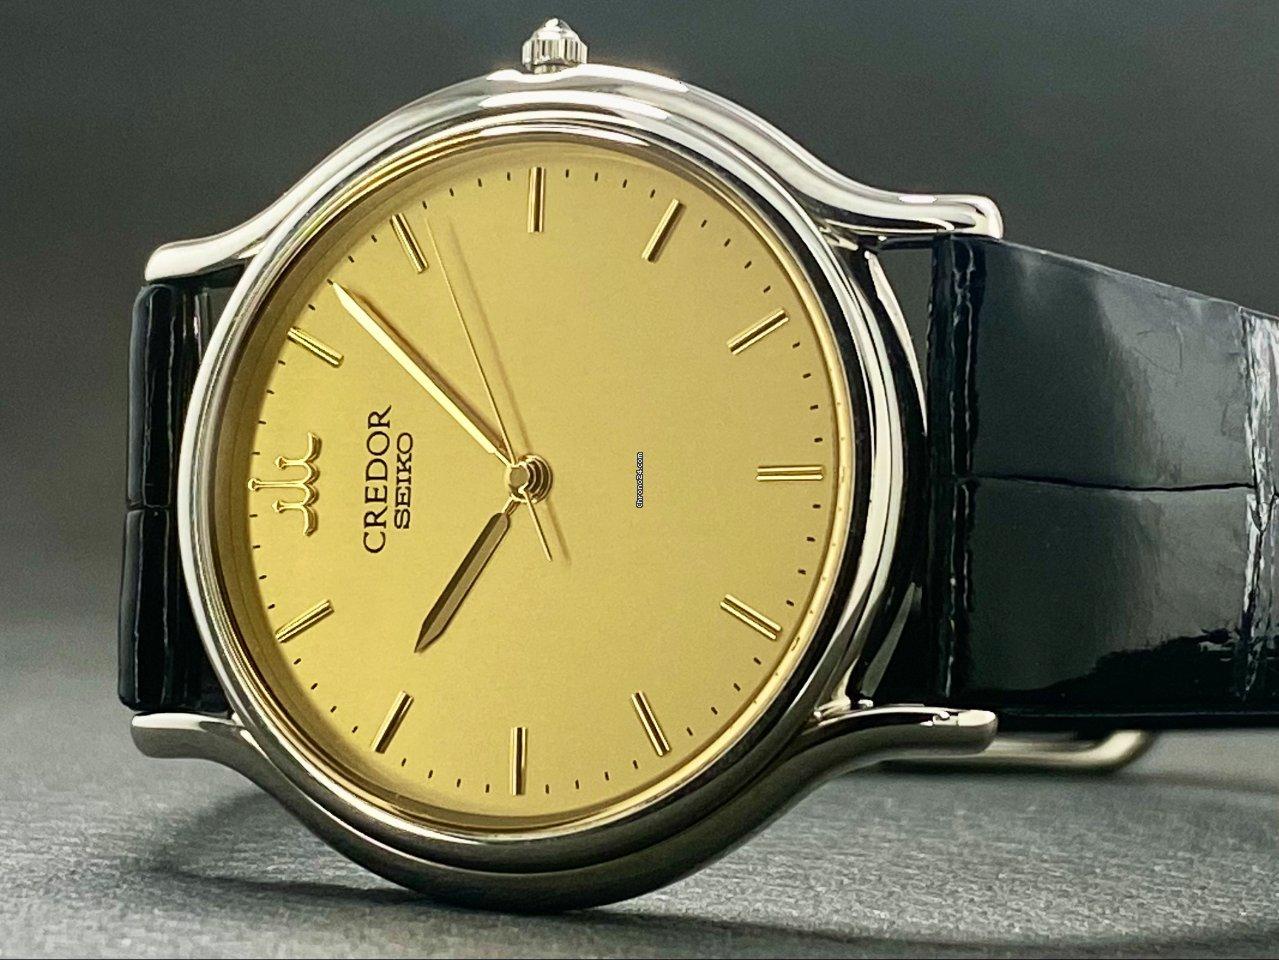 Seiko Credor Seiko Credor 8J81-6A30 |2012 2012 new